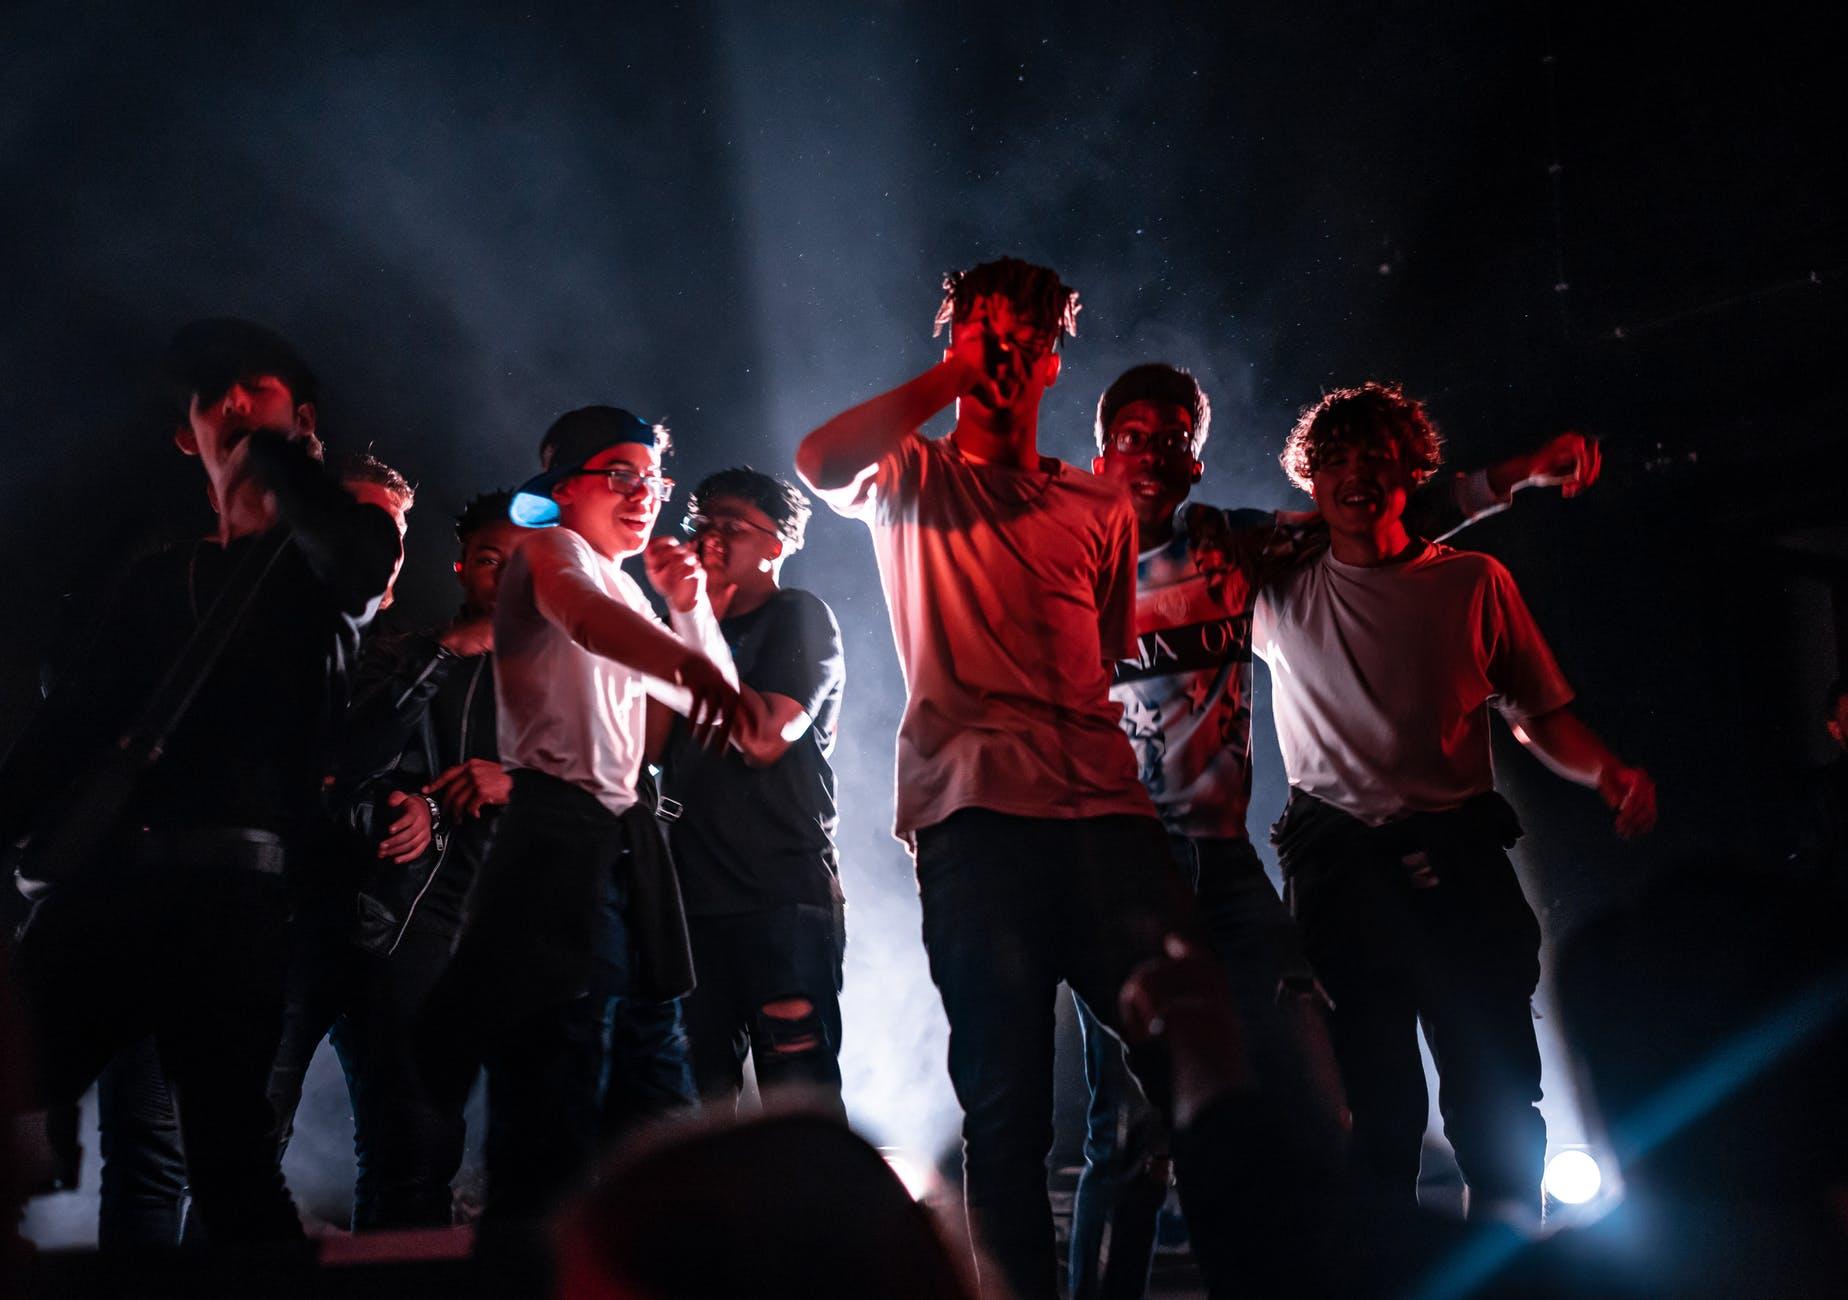 Tieners op podium zingen/rappen